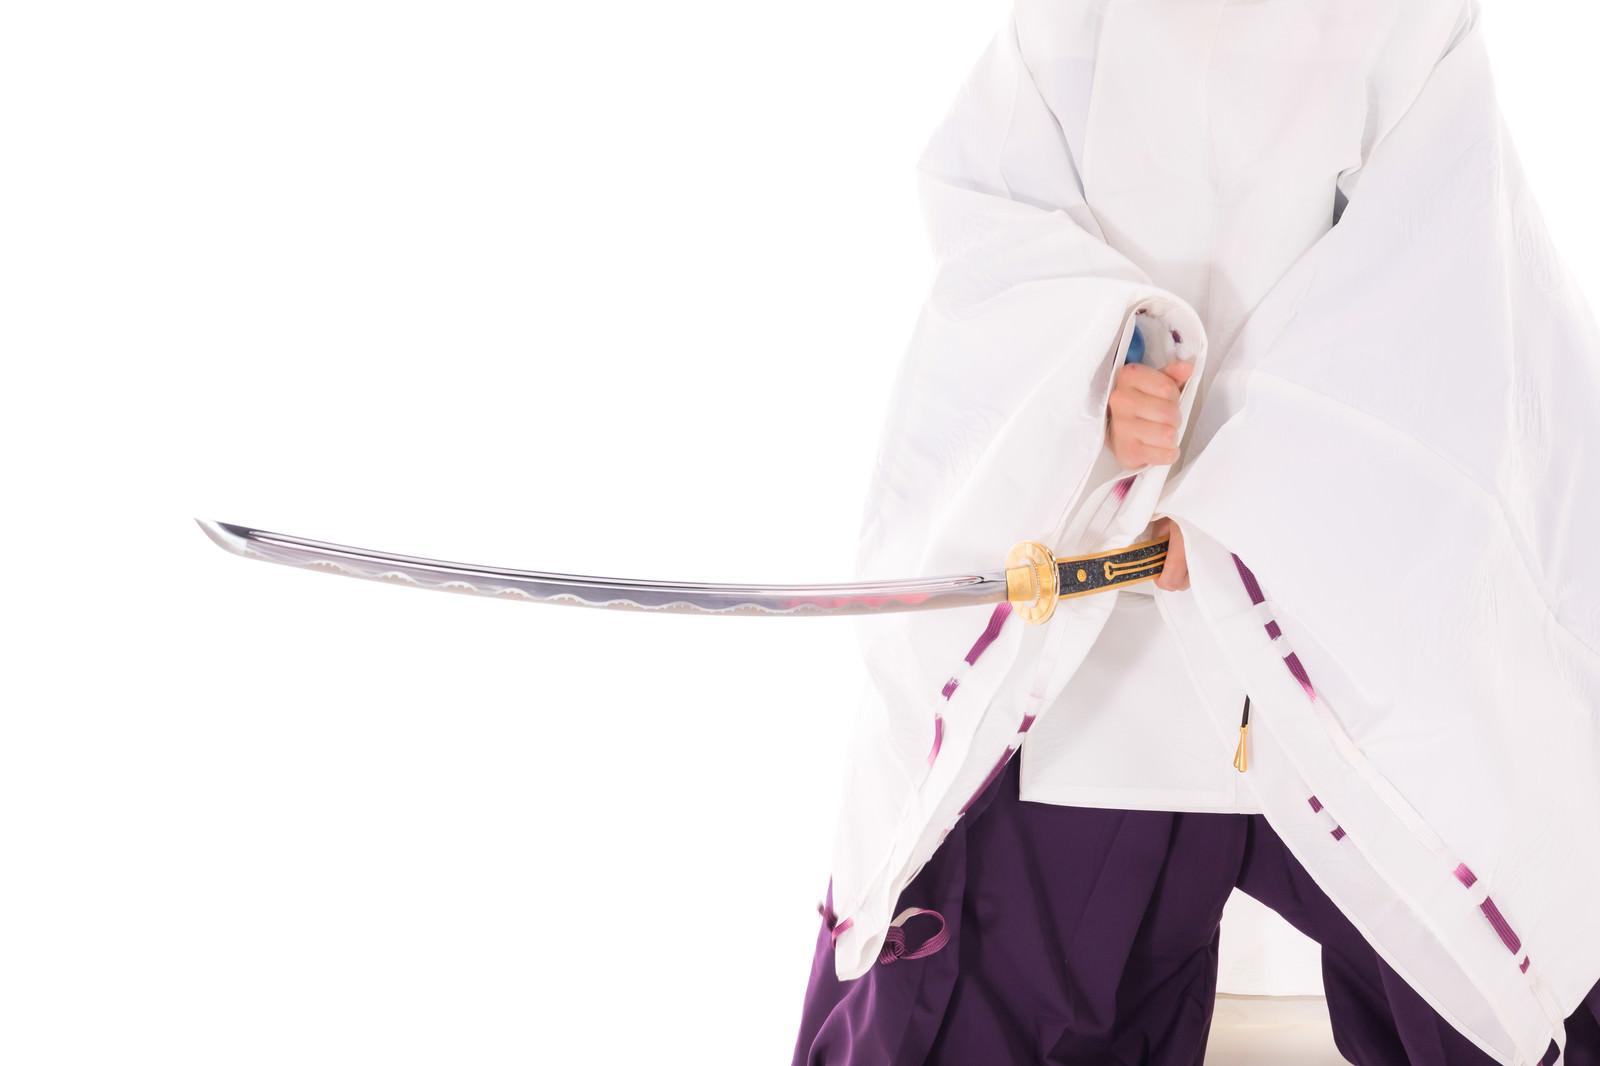 「刀についた血を拳ではらう陰陽師」の写真[モデル:まーこ]